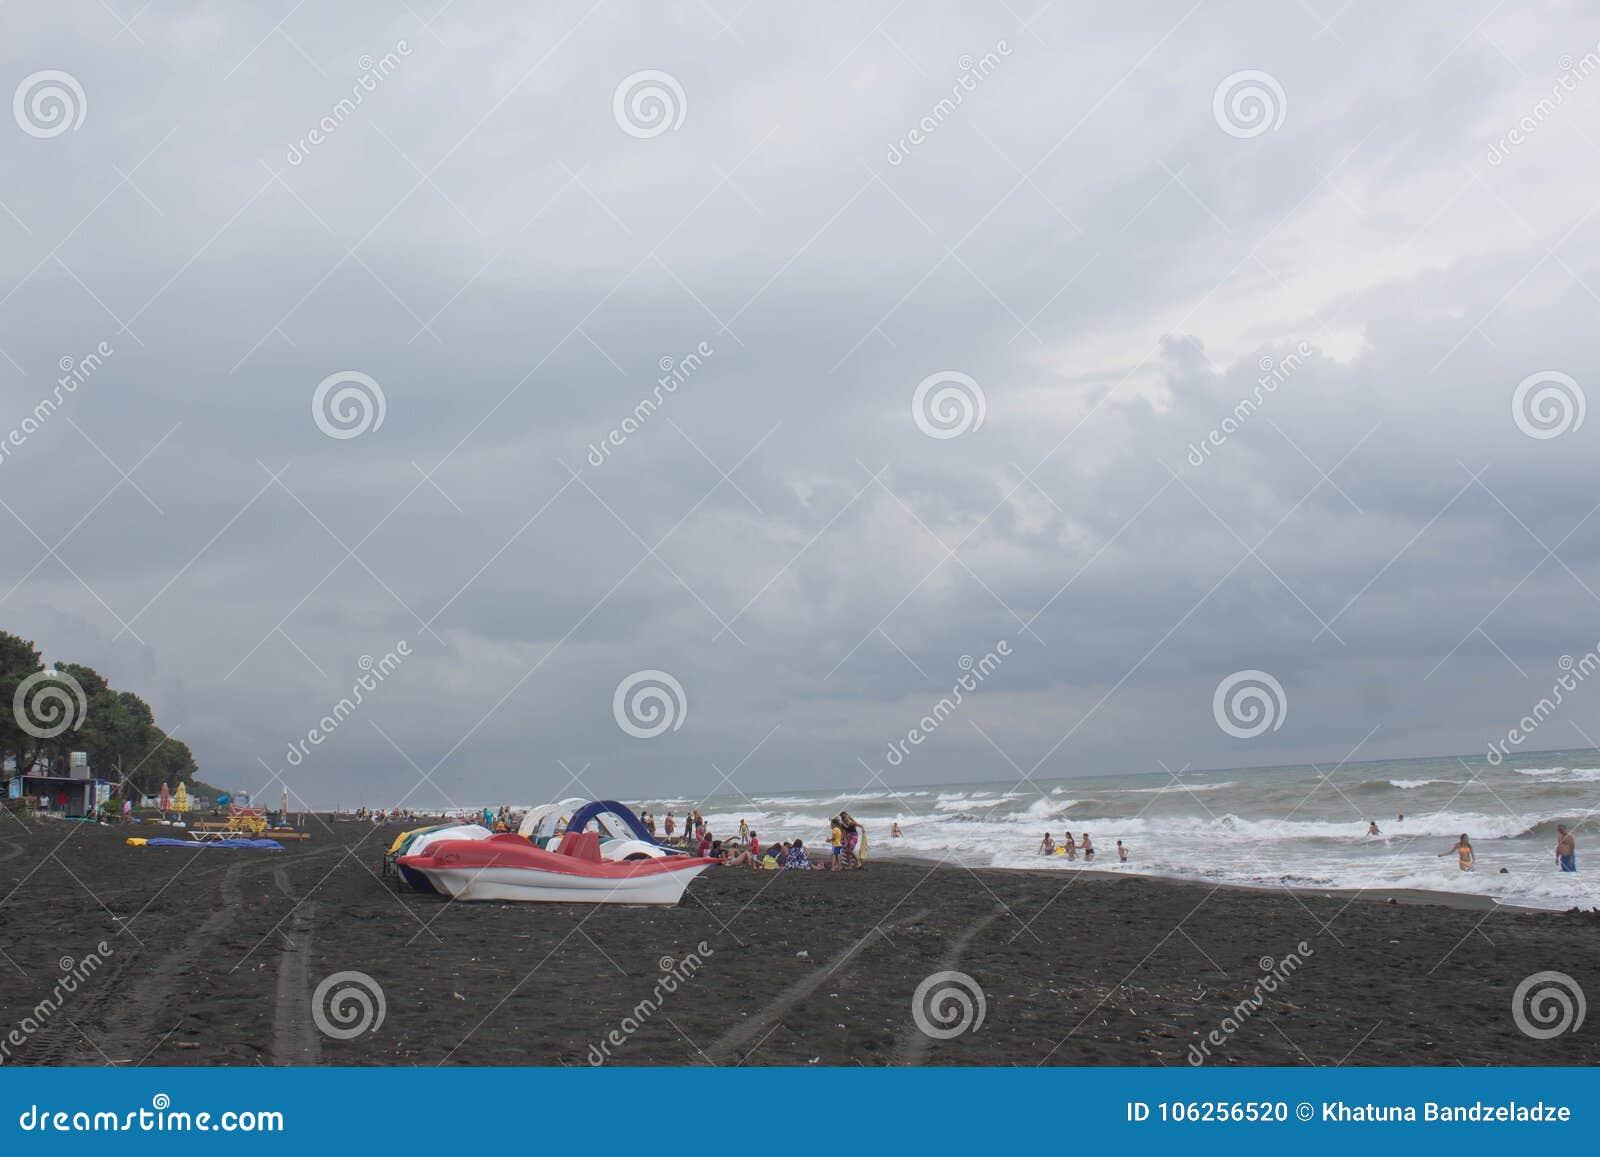 Ζωηρόχρωμη σειρά pedalo που σταθμεύουν στην παραλία, συννεφιασμένος, σύννεφα, κύματα